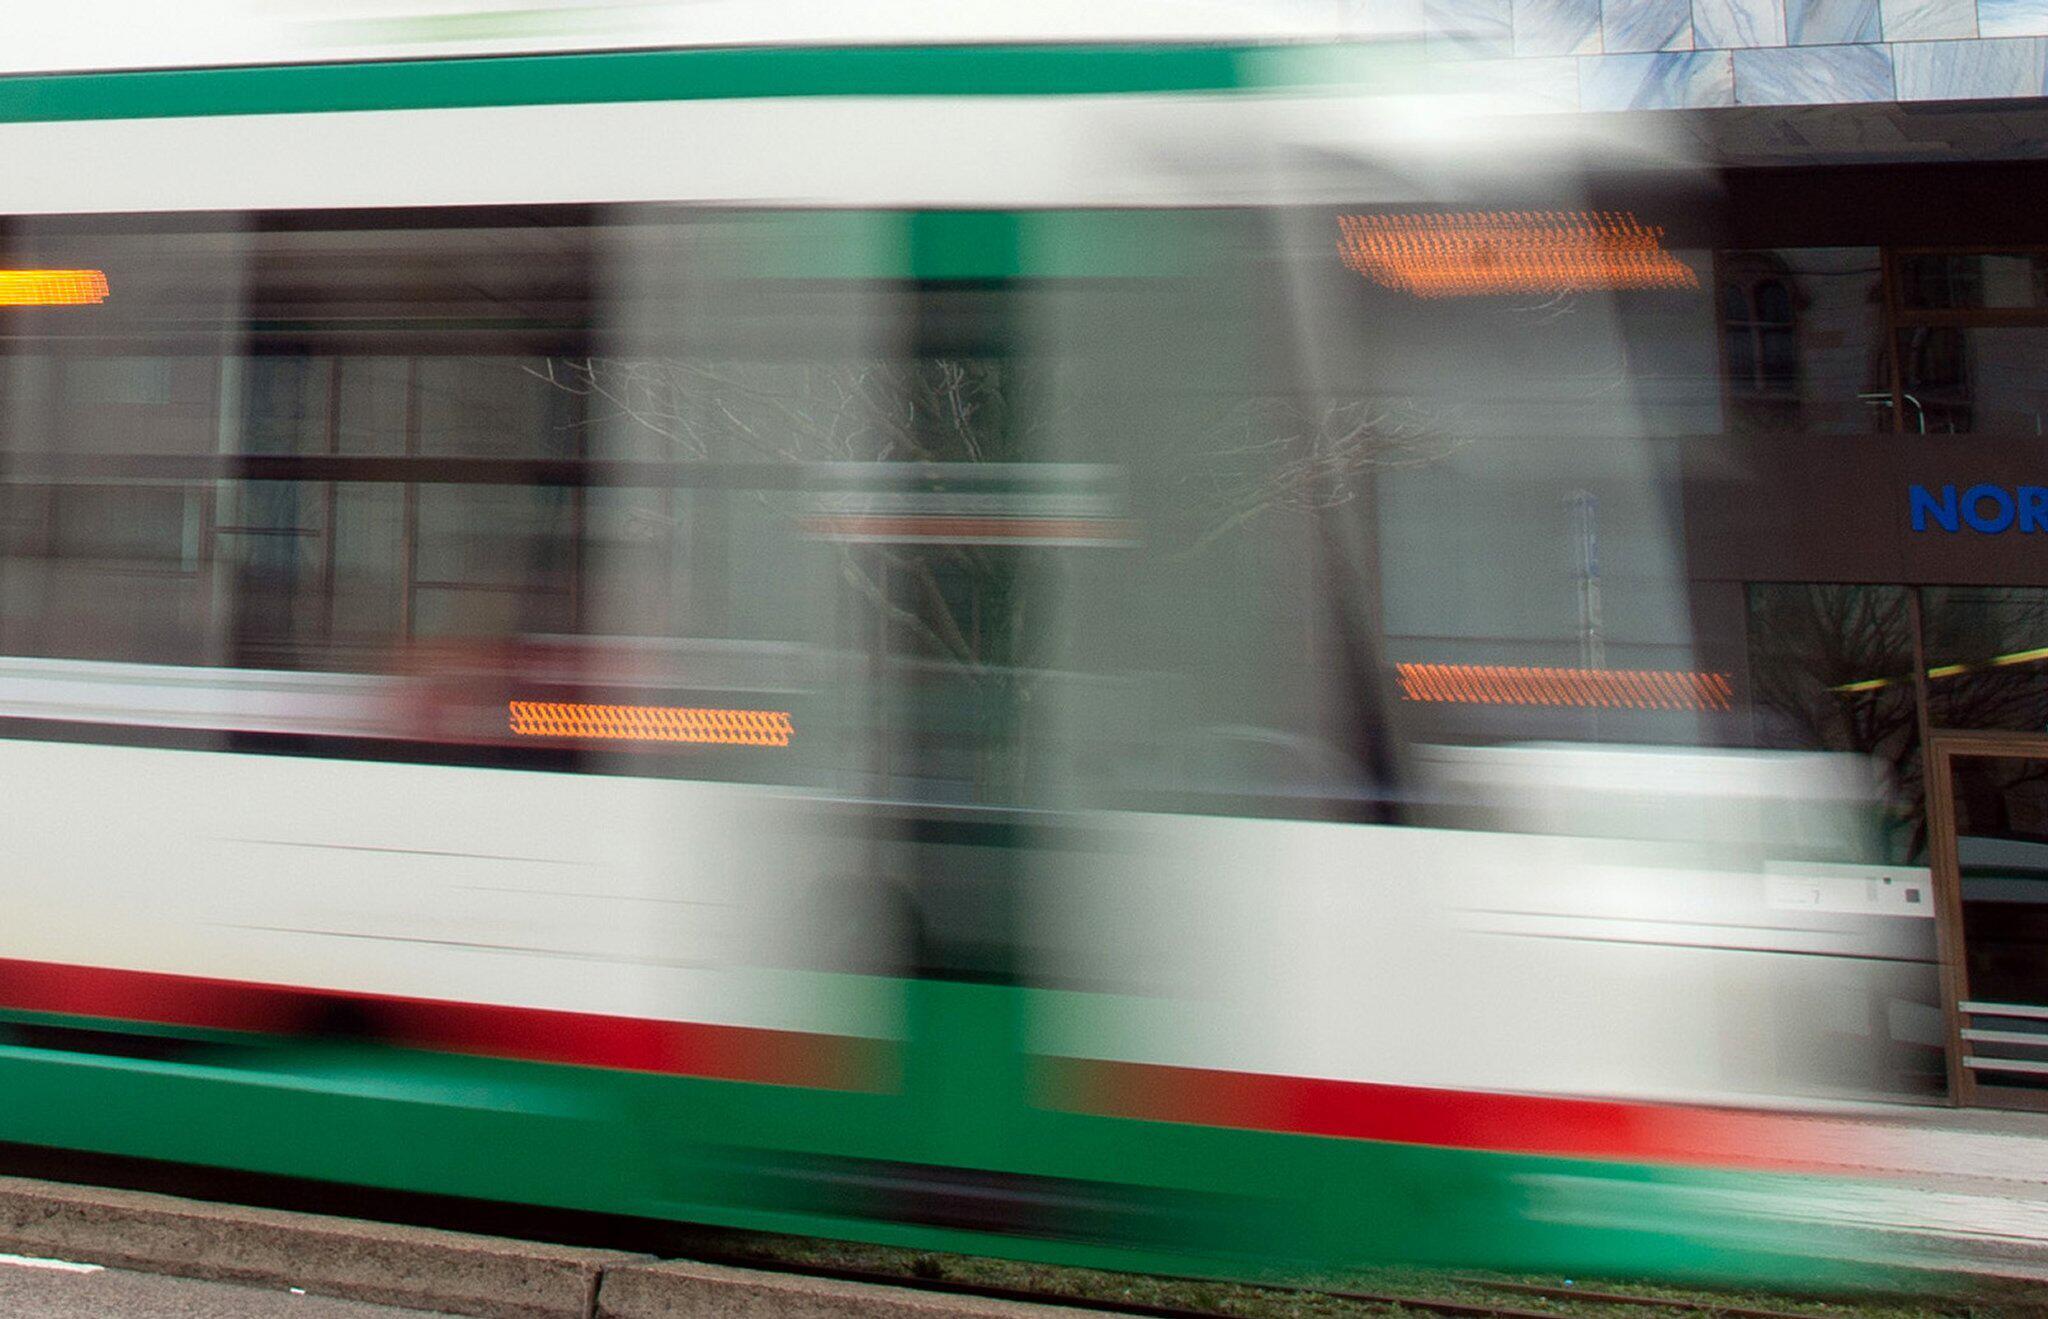 Bild zu Mann in Lebensgefahr - erste Hinweise nach Straßenbahn-Attacke